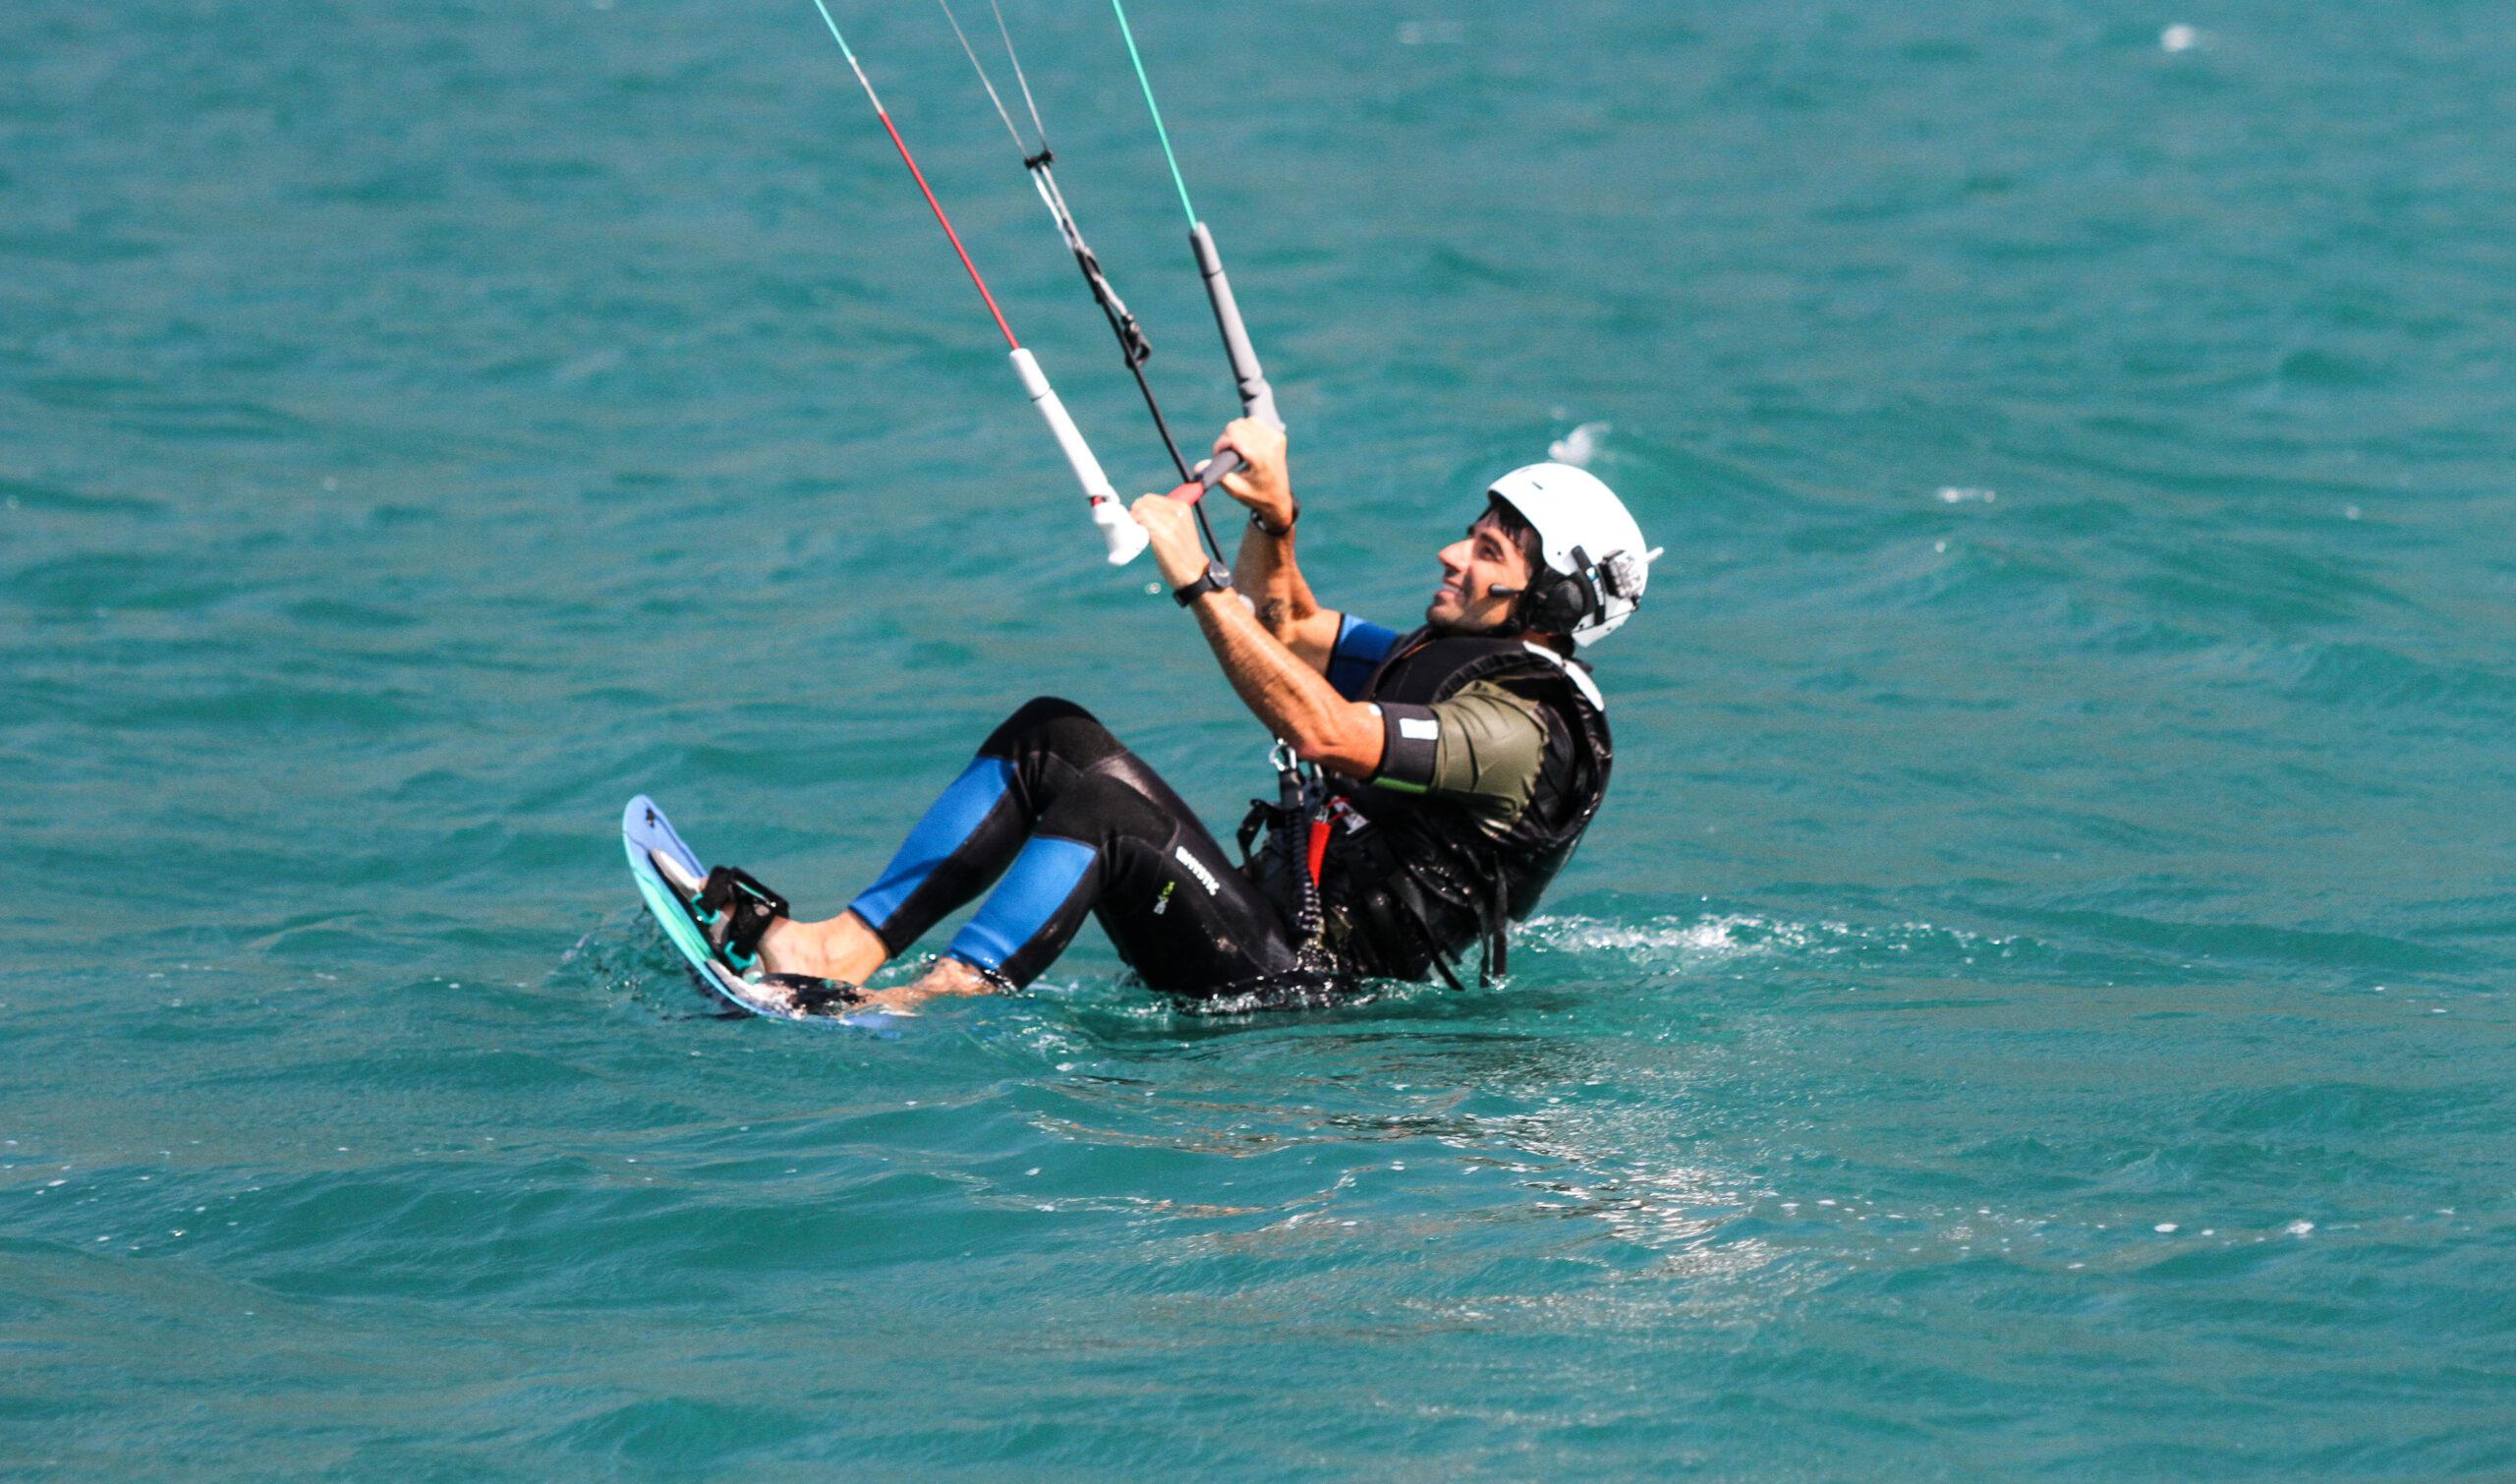 Corso partenze kitesurf